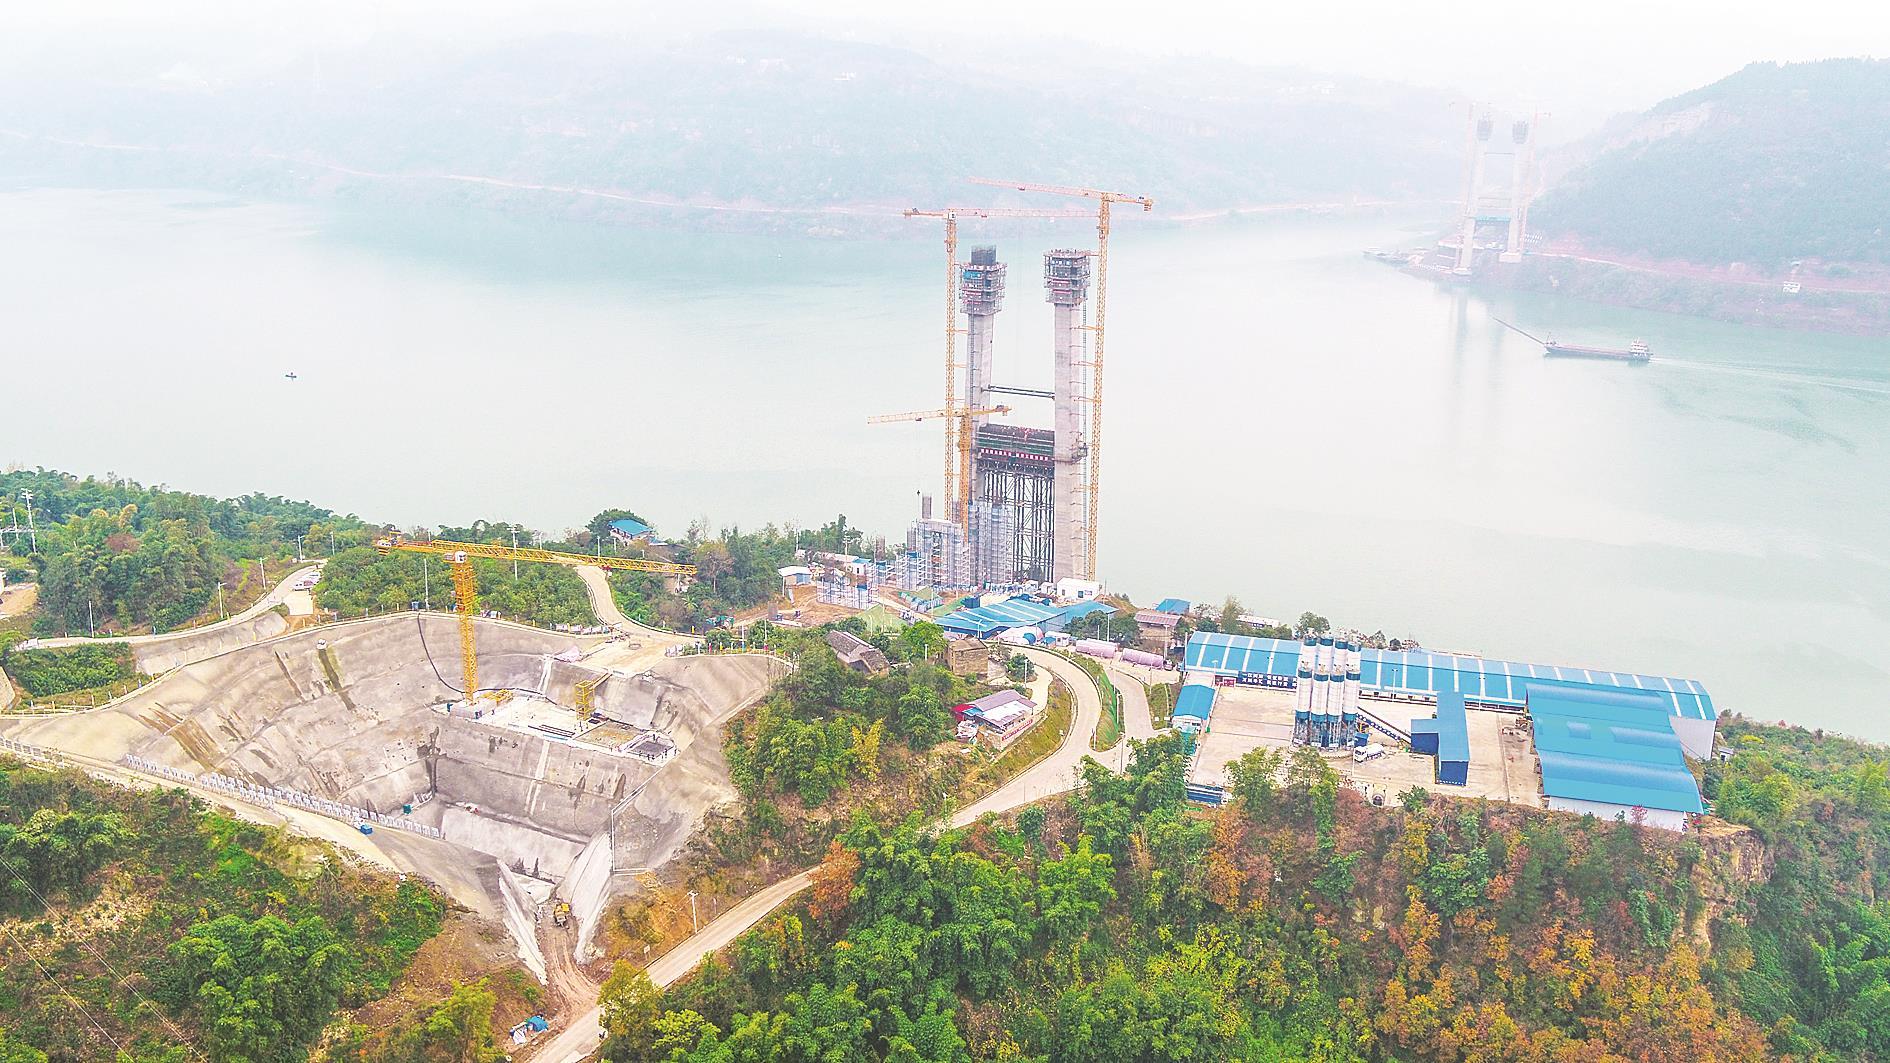 万州新田长江大桥 南岸主塔 今年底将升至120米